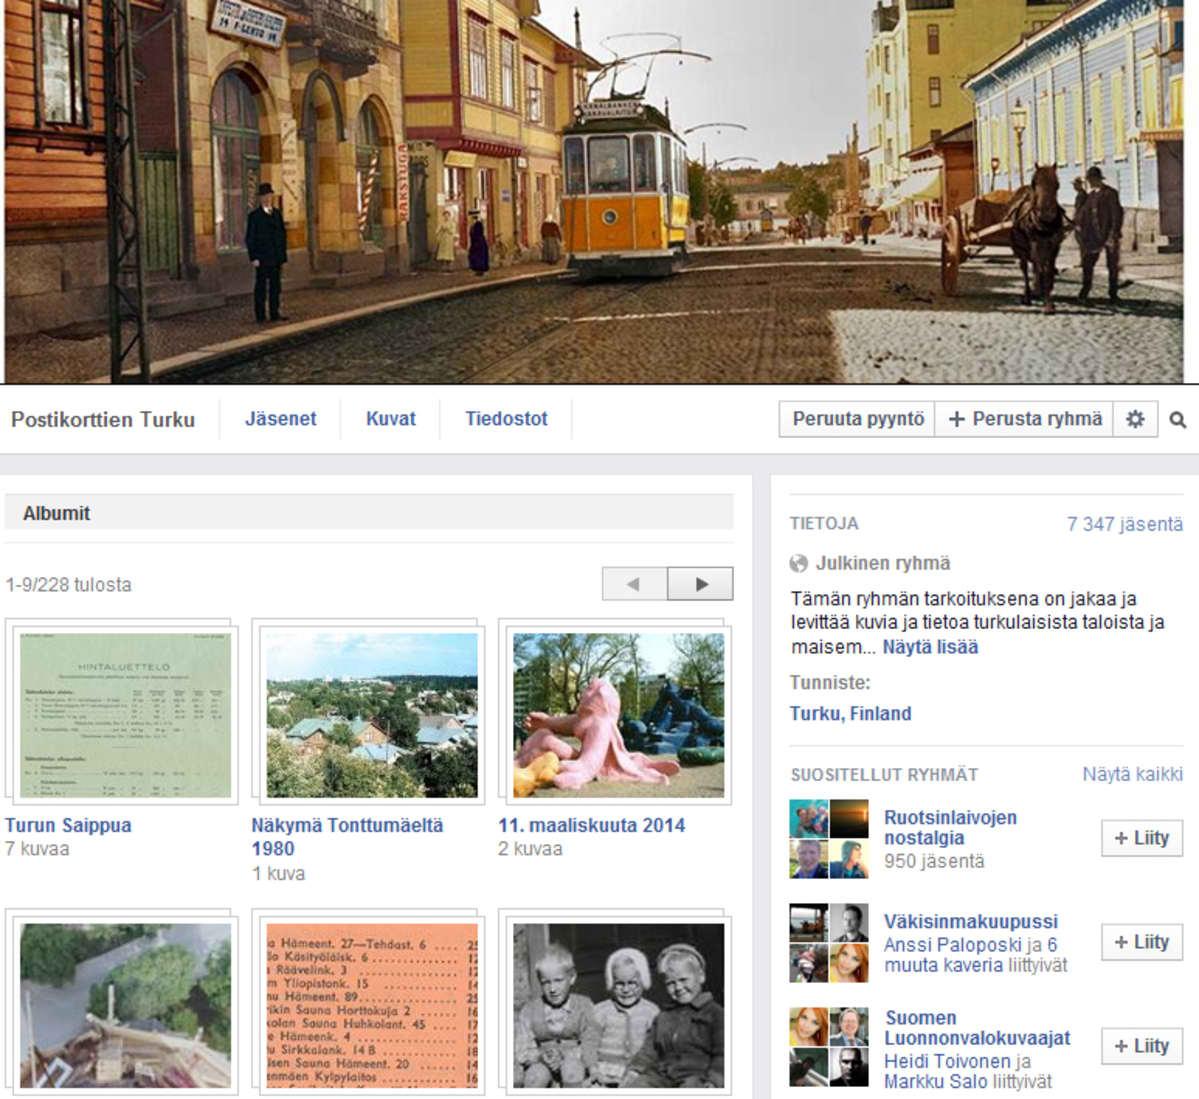 Kuvakaappaus Postikorttien Turku -sivustosta Facebookissa.